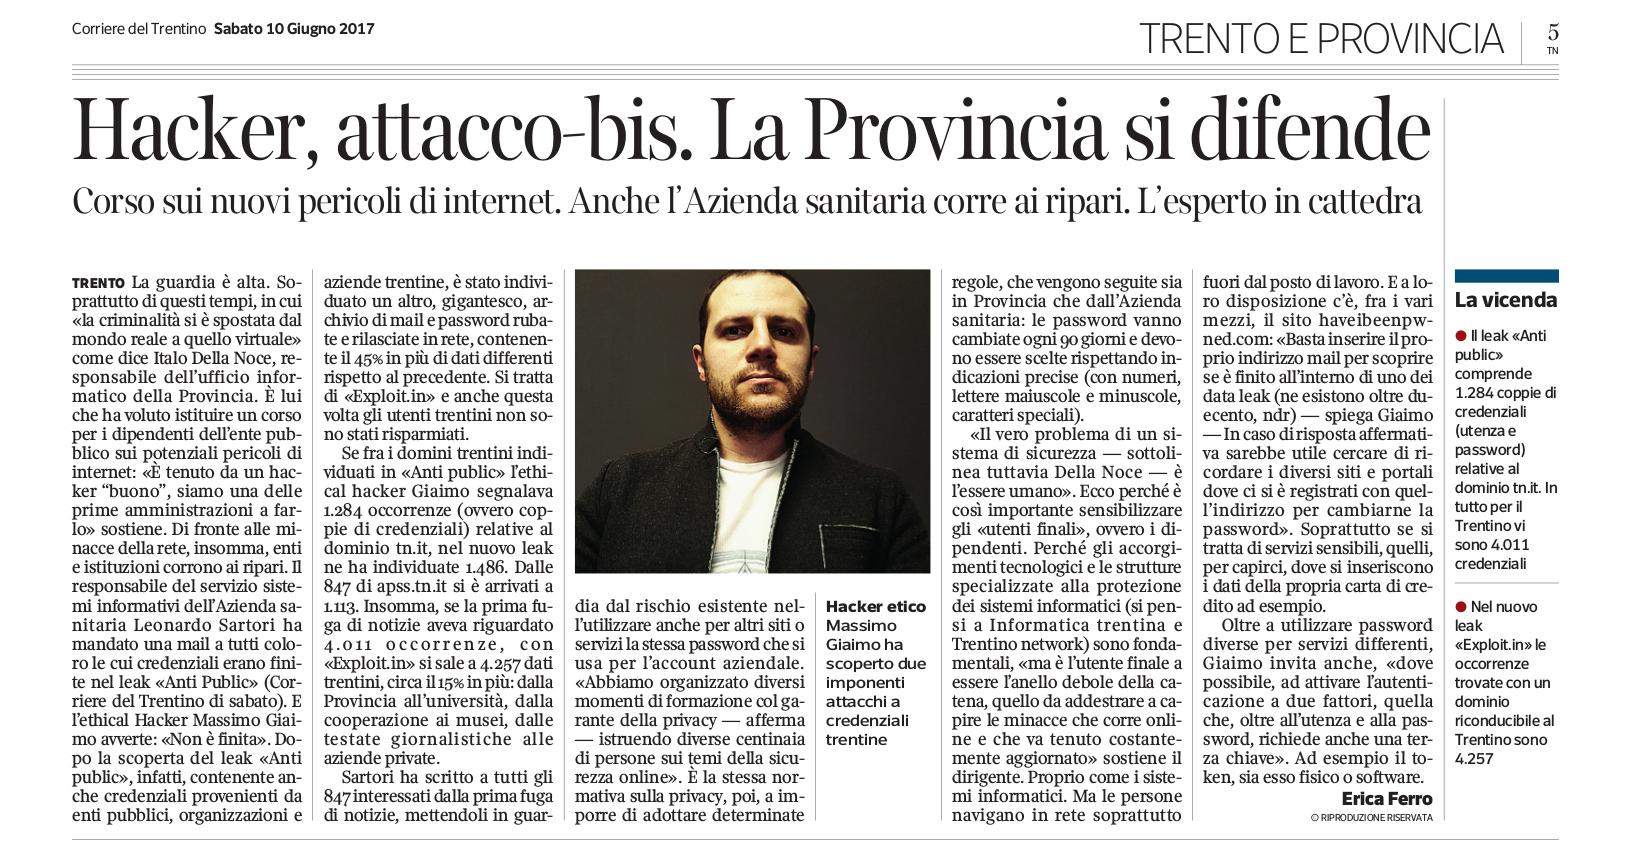 Articolo Corriere del Trentino del 10 giugno 2017